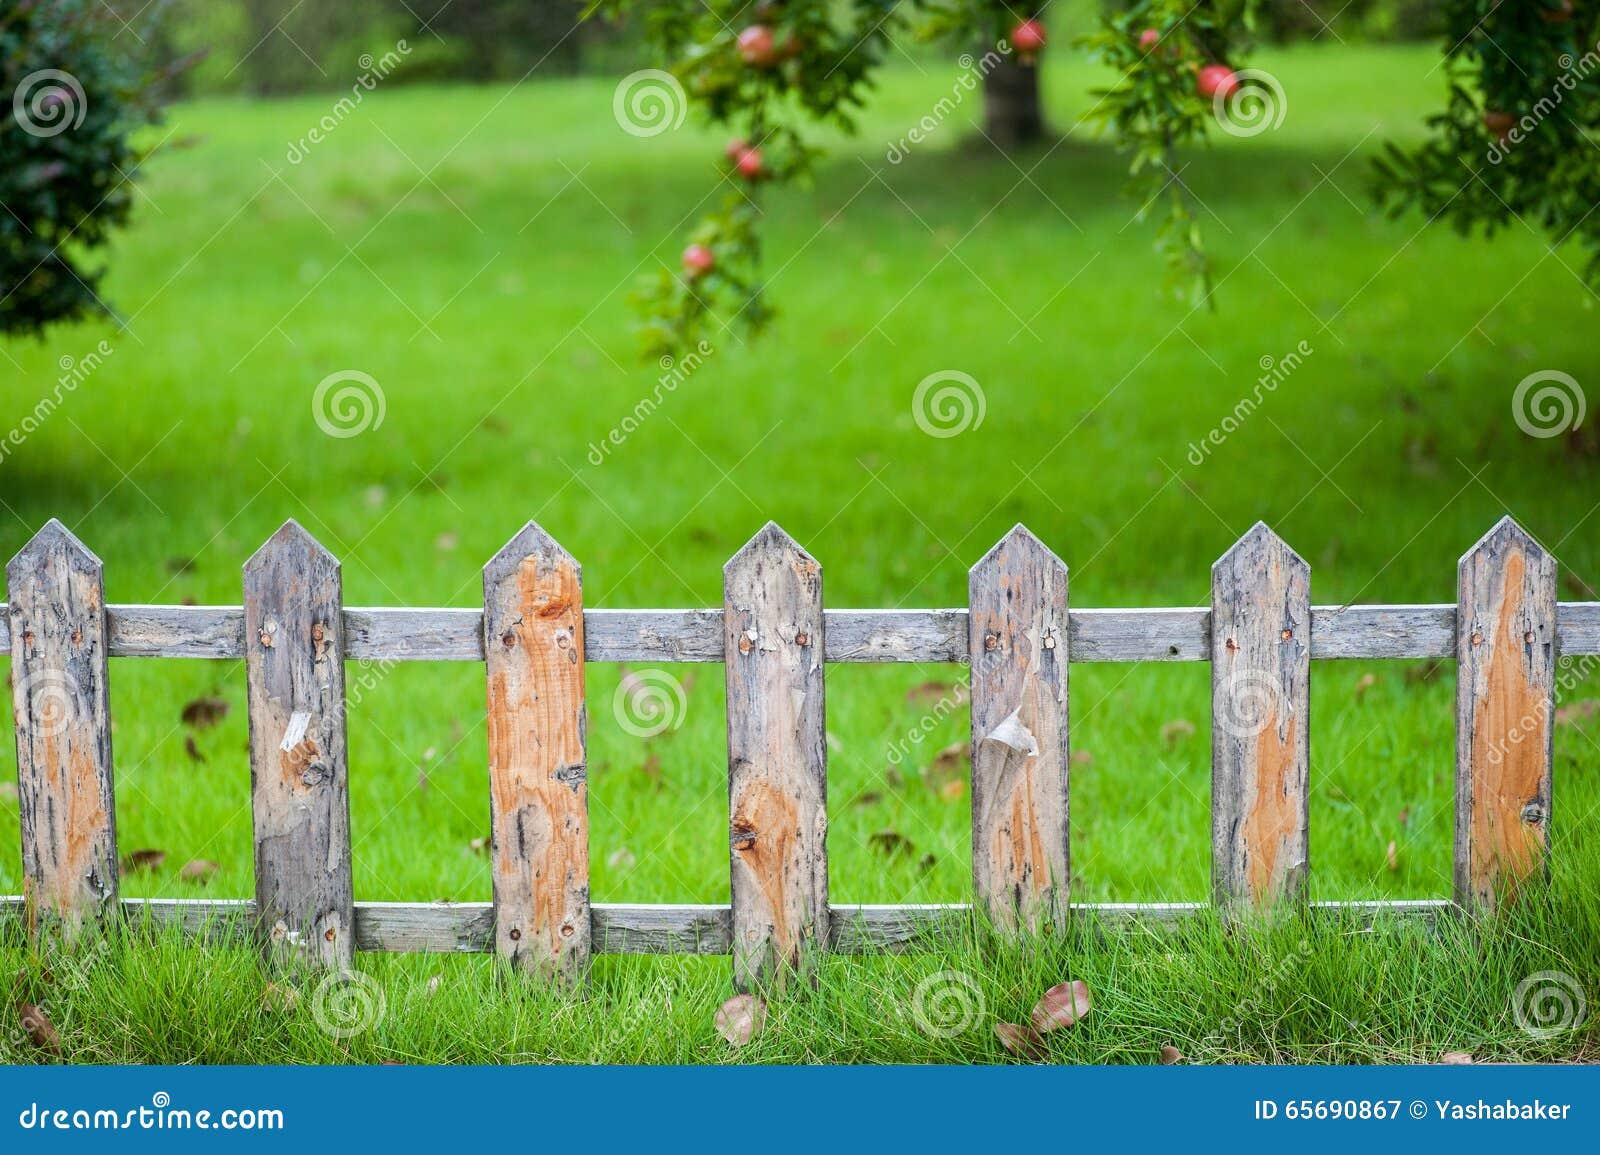 Alter Kleiner Zaun Auf Dem Grunen Rasen Im Garten Stockbild Bild